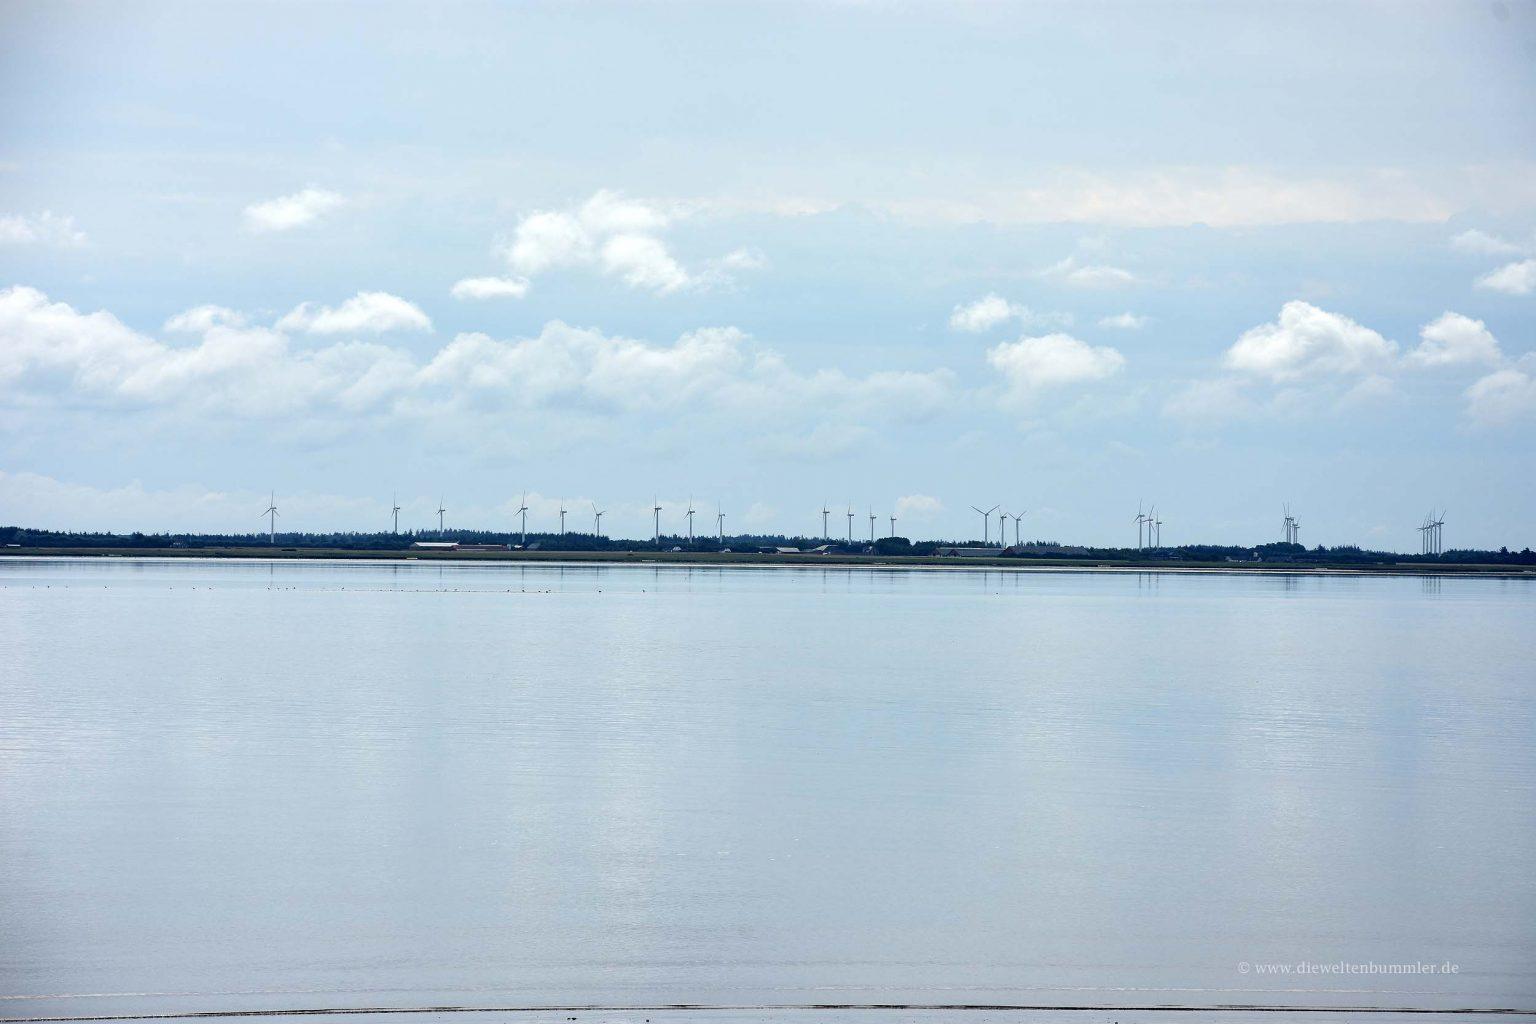 Blick zum dänischen Festland